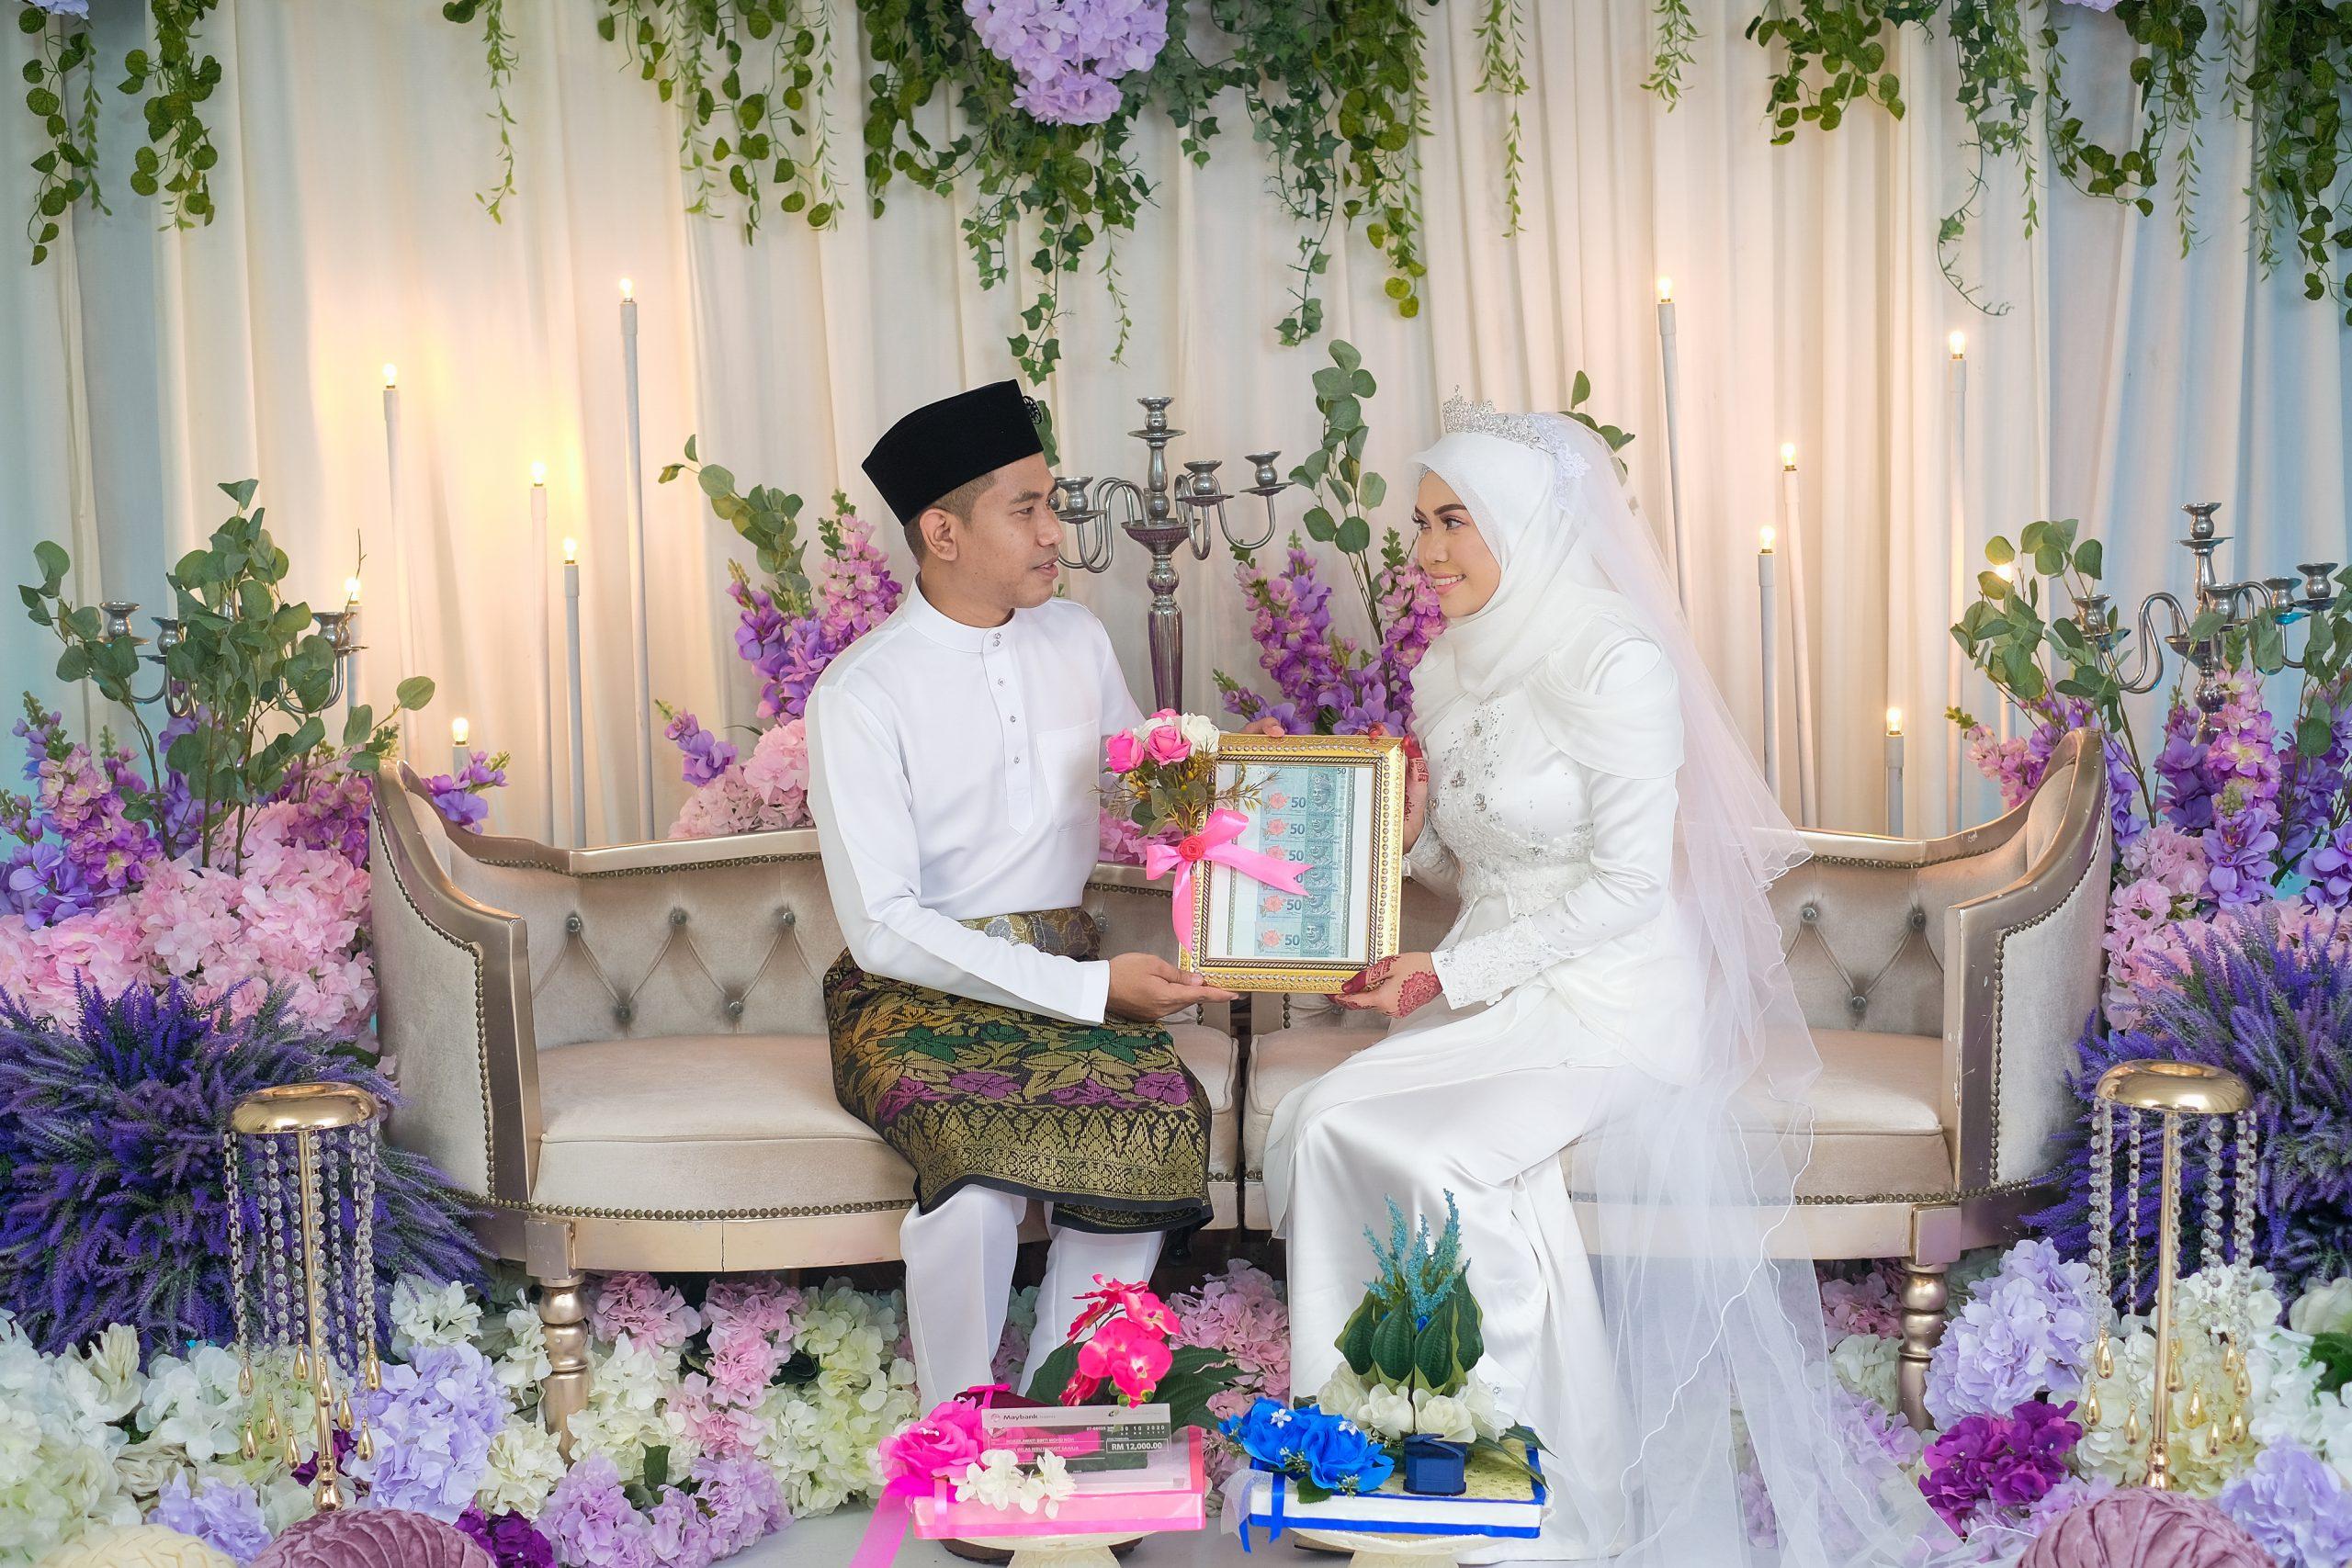 Islamische Eheschließung Ablauf